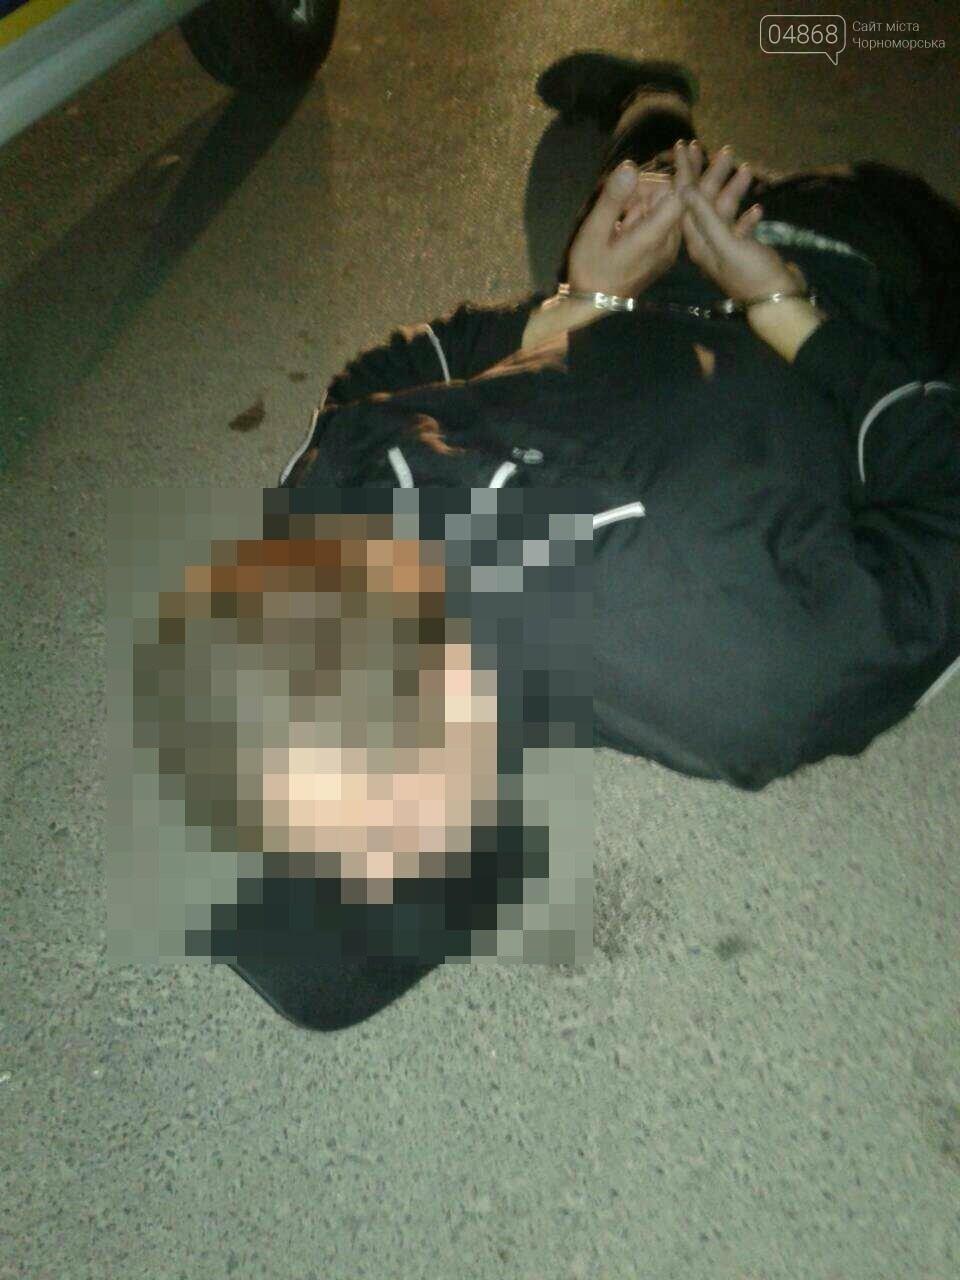 В Черноморске полиция задержала мужчин, которые громили магазины и развлекательные заведения (обновлено), фото-10